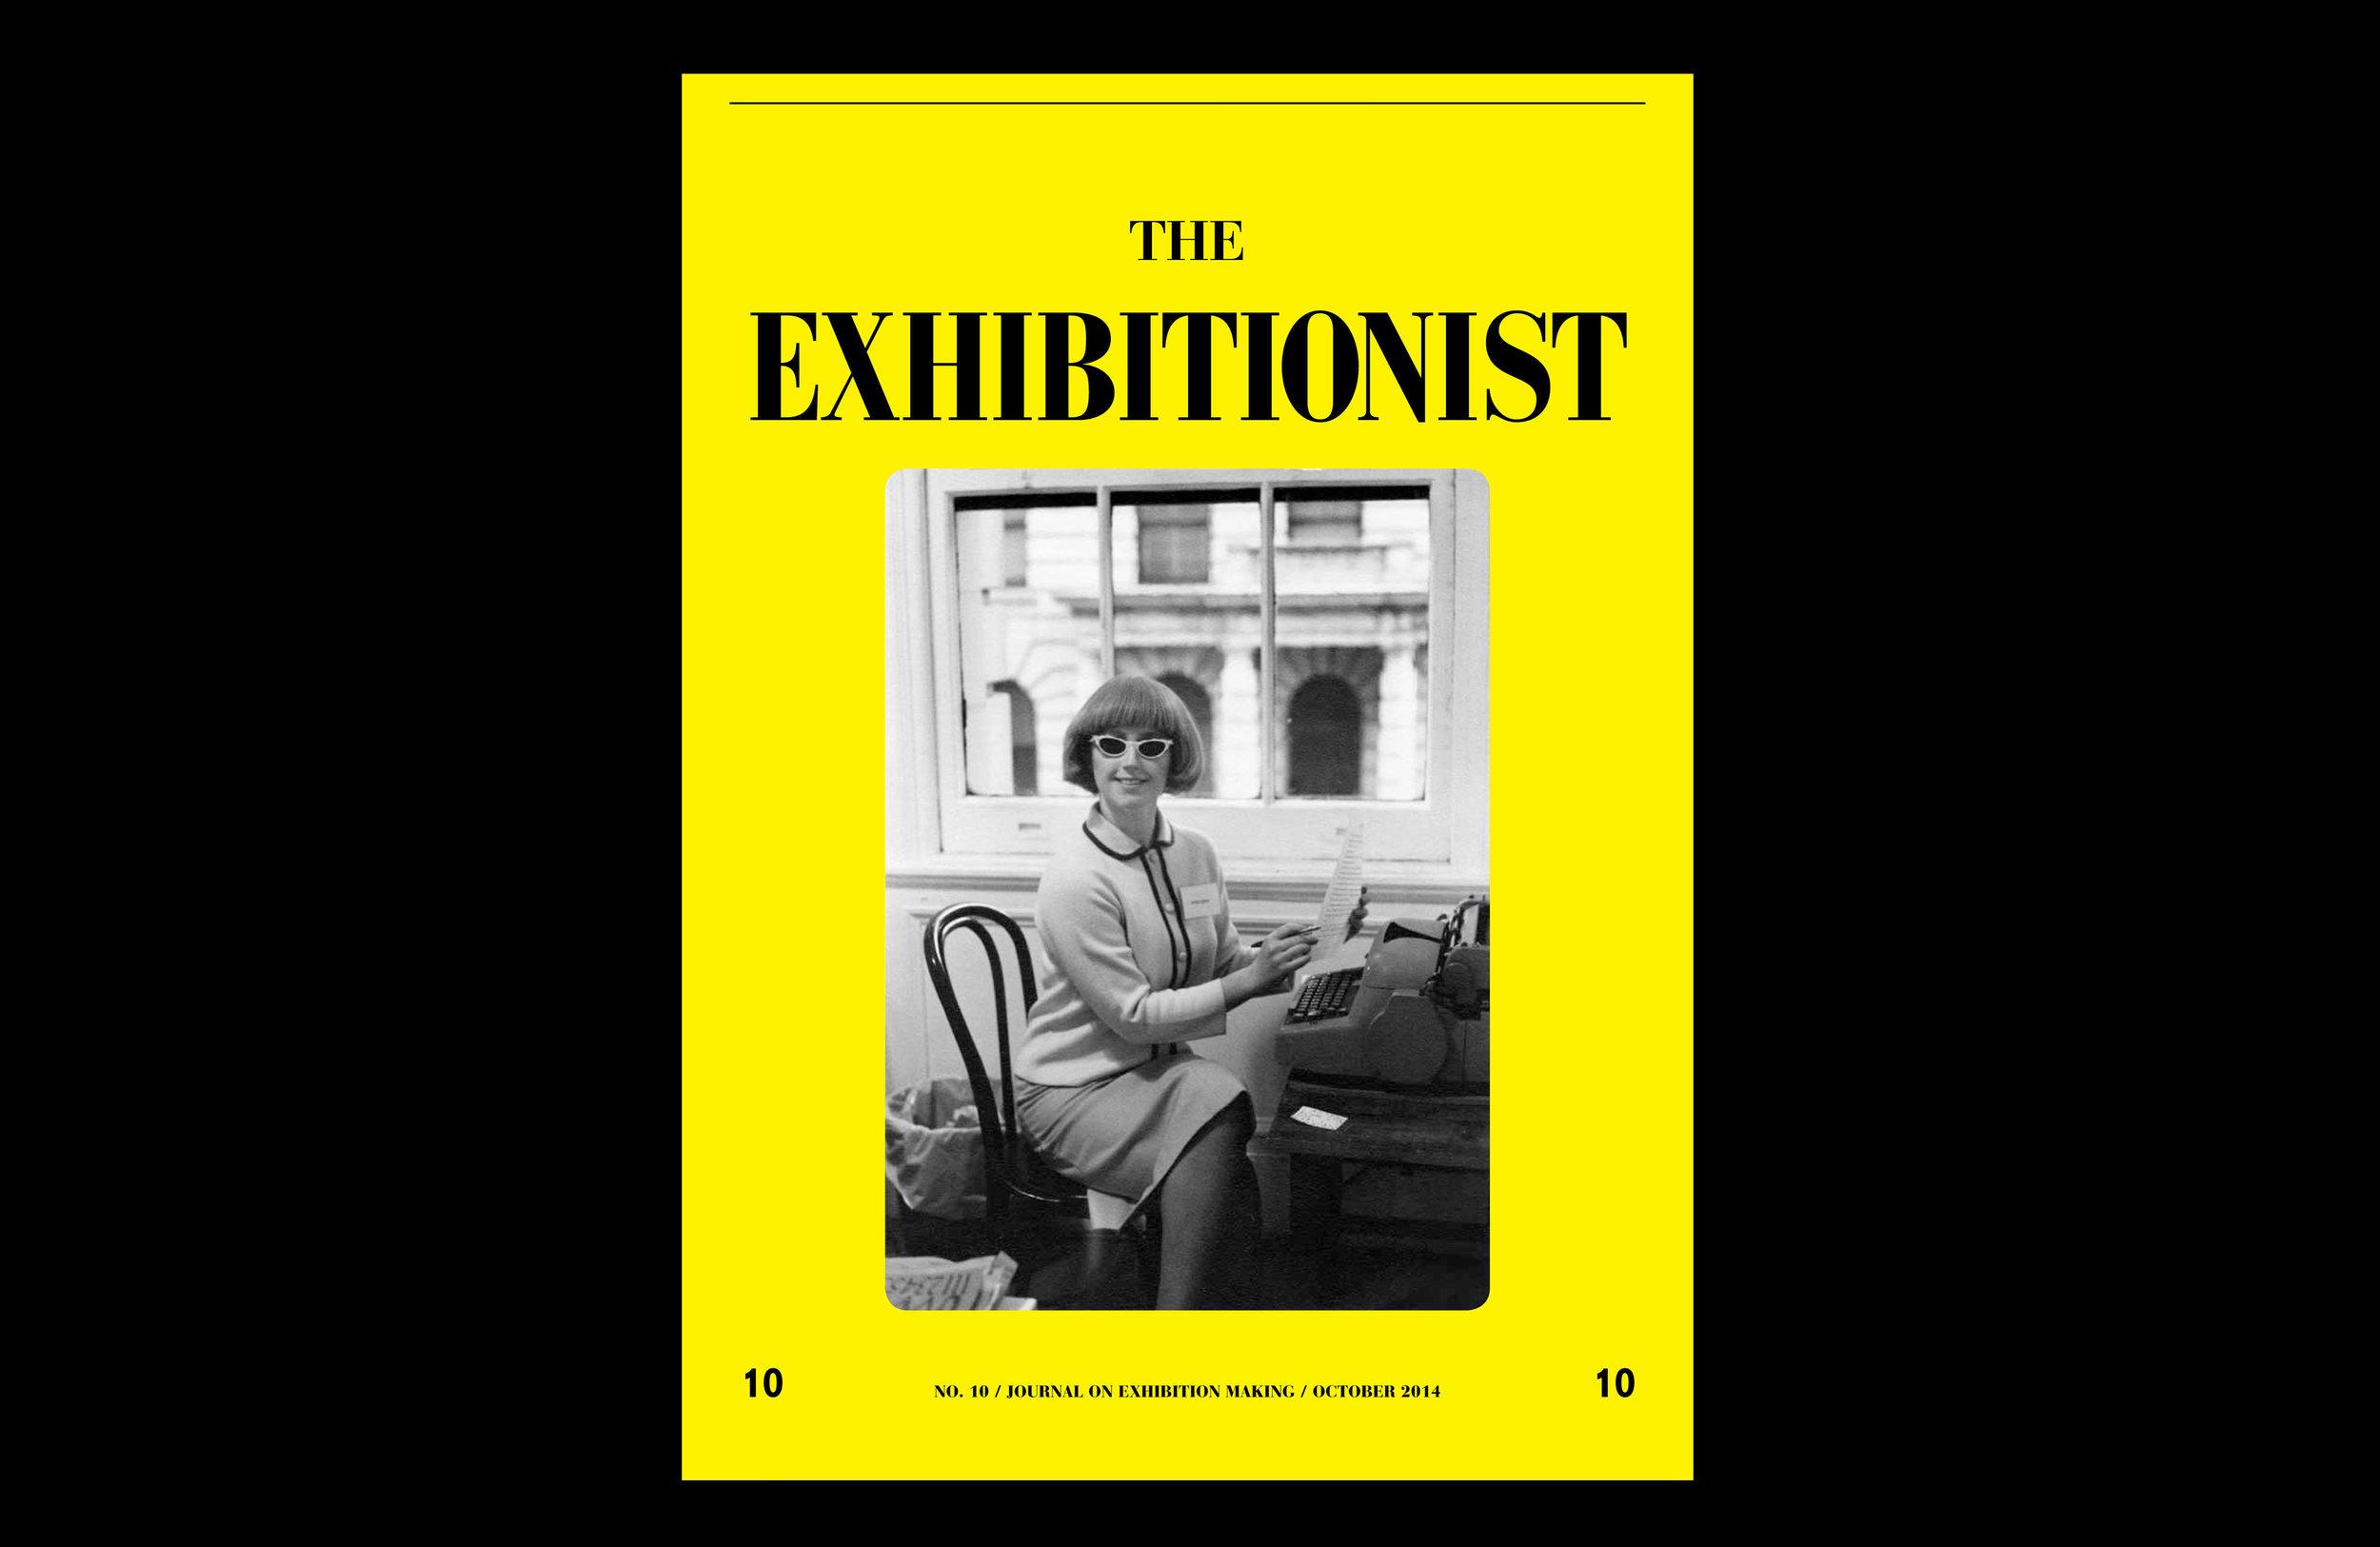 Exhibitionist_5.jpg